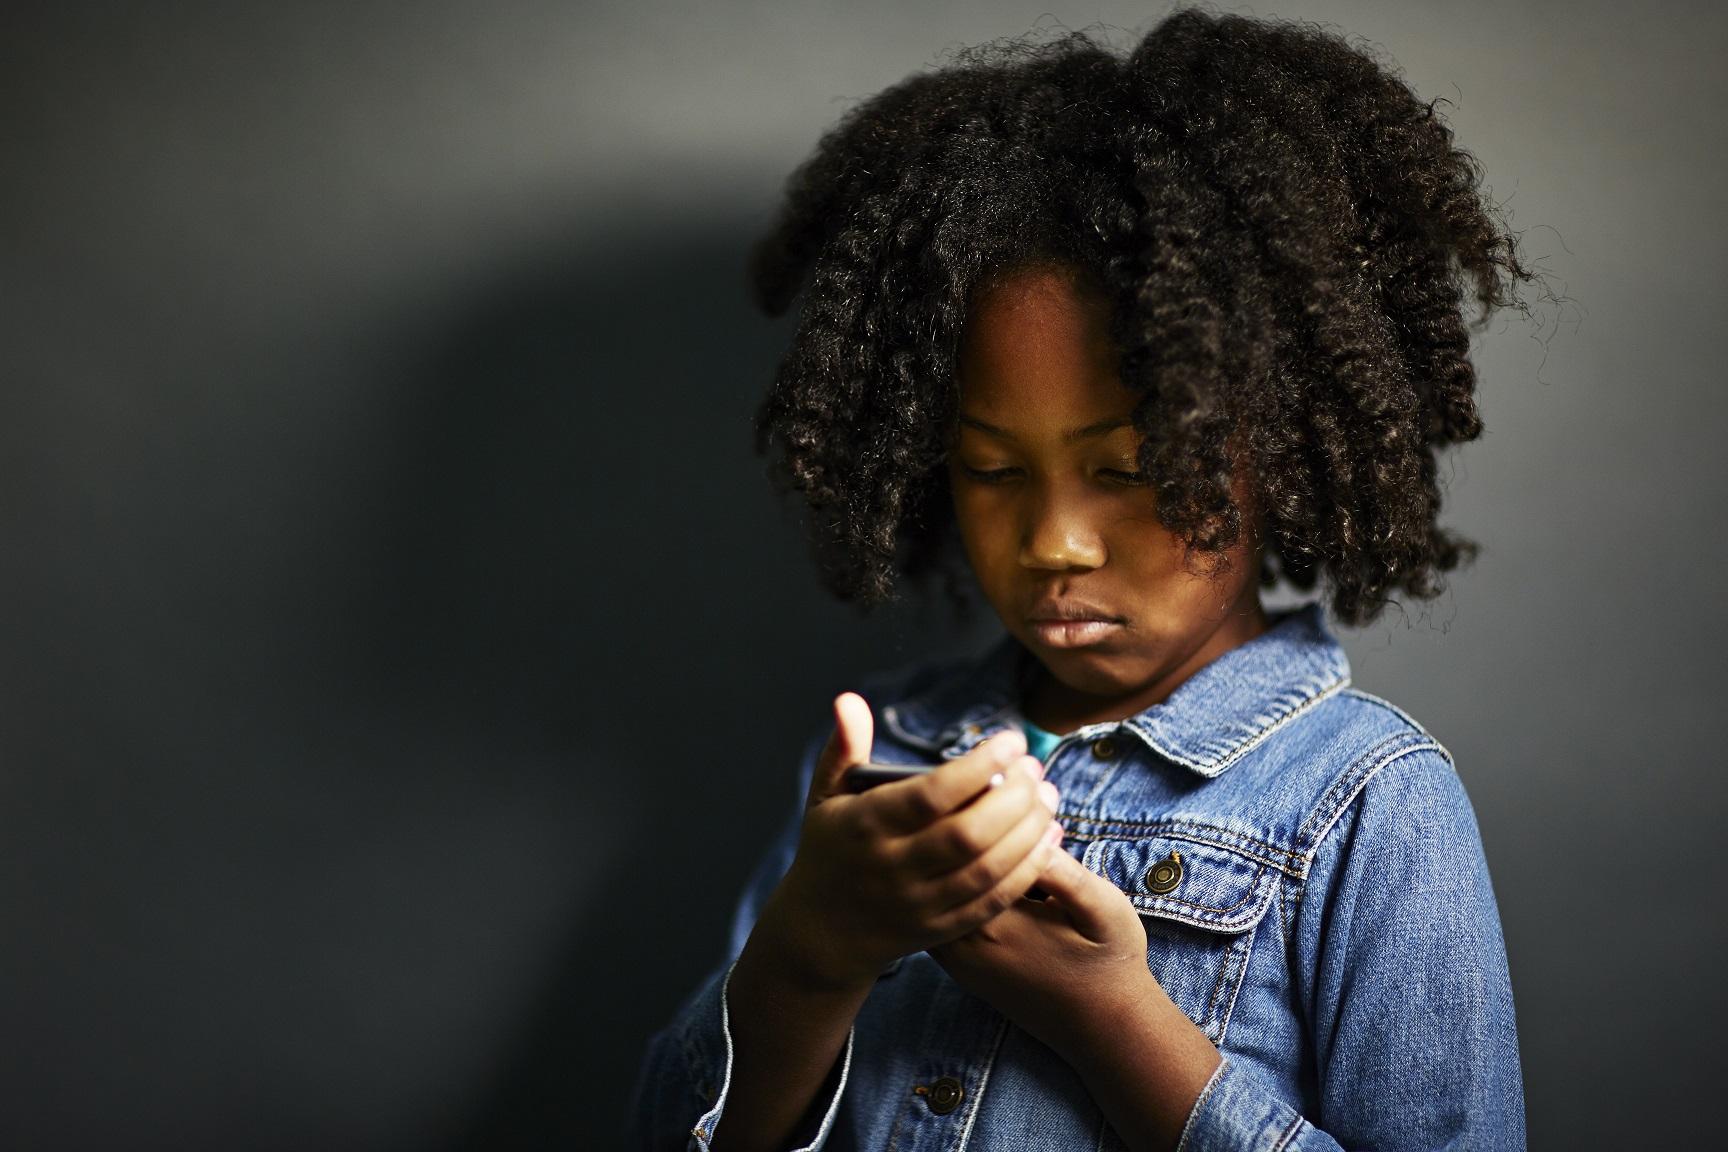 A OMS recomenda que as crianças tenham mais atividades ao ar livre para não forçar a visão de perto. Foto JPM / Cultura Creative